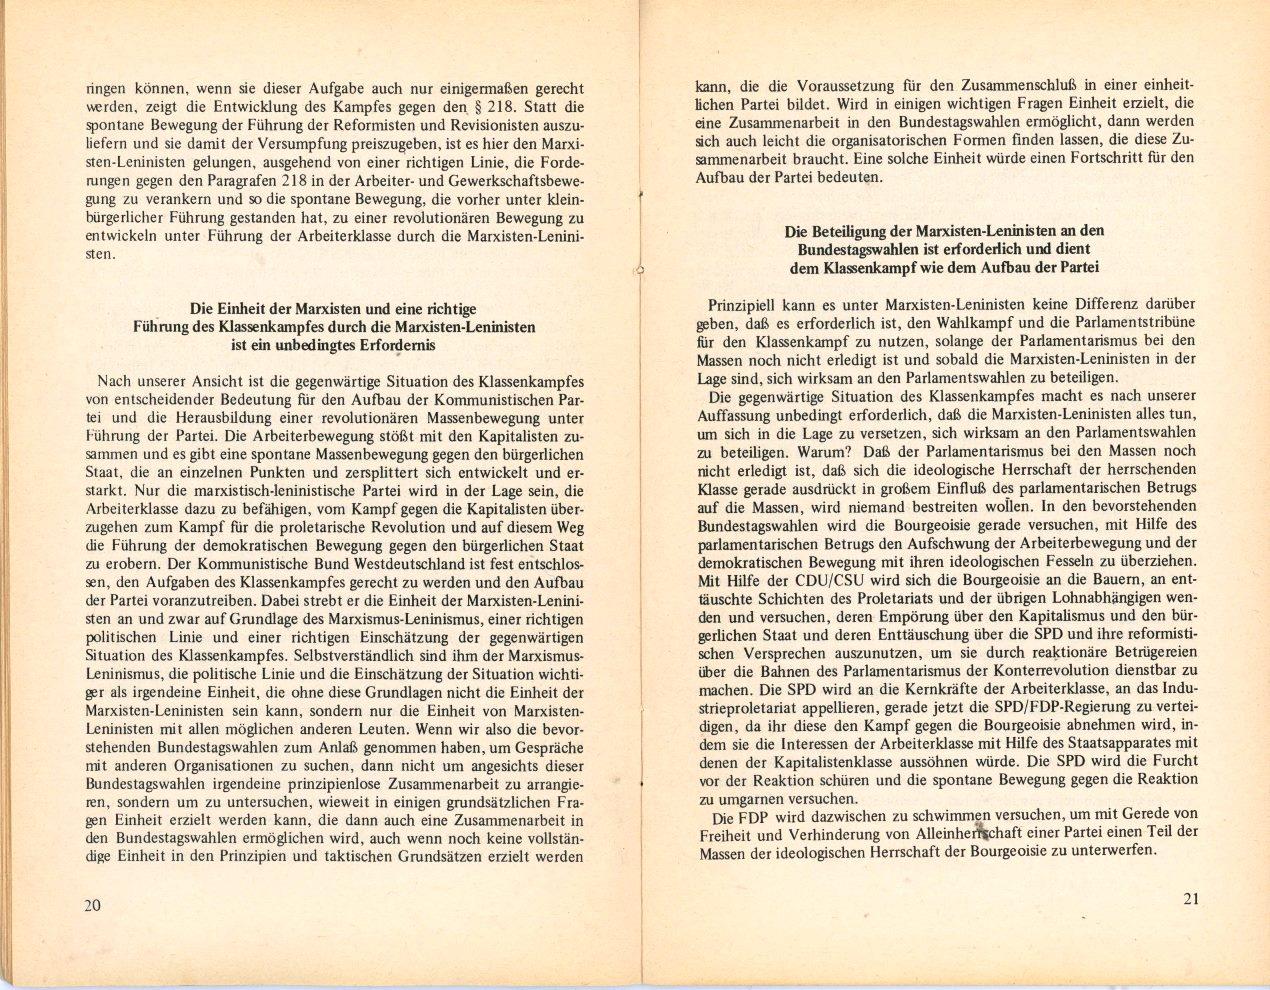 KBW_Materialien_zur_Auseinandersetzung_in_der_mlB_1976_12